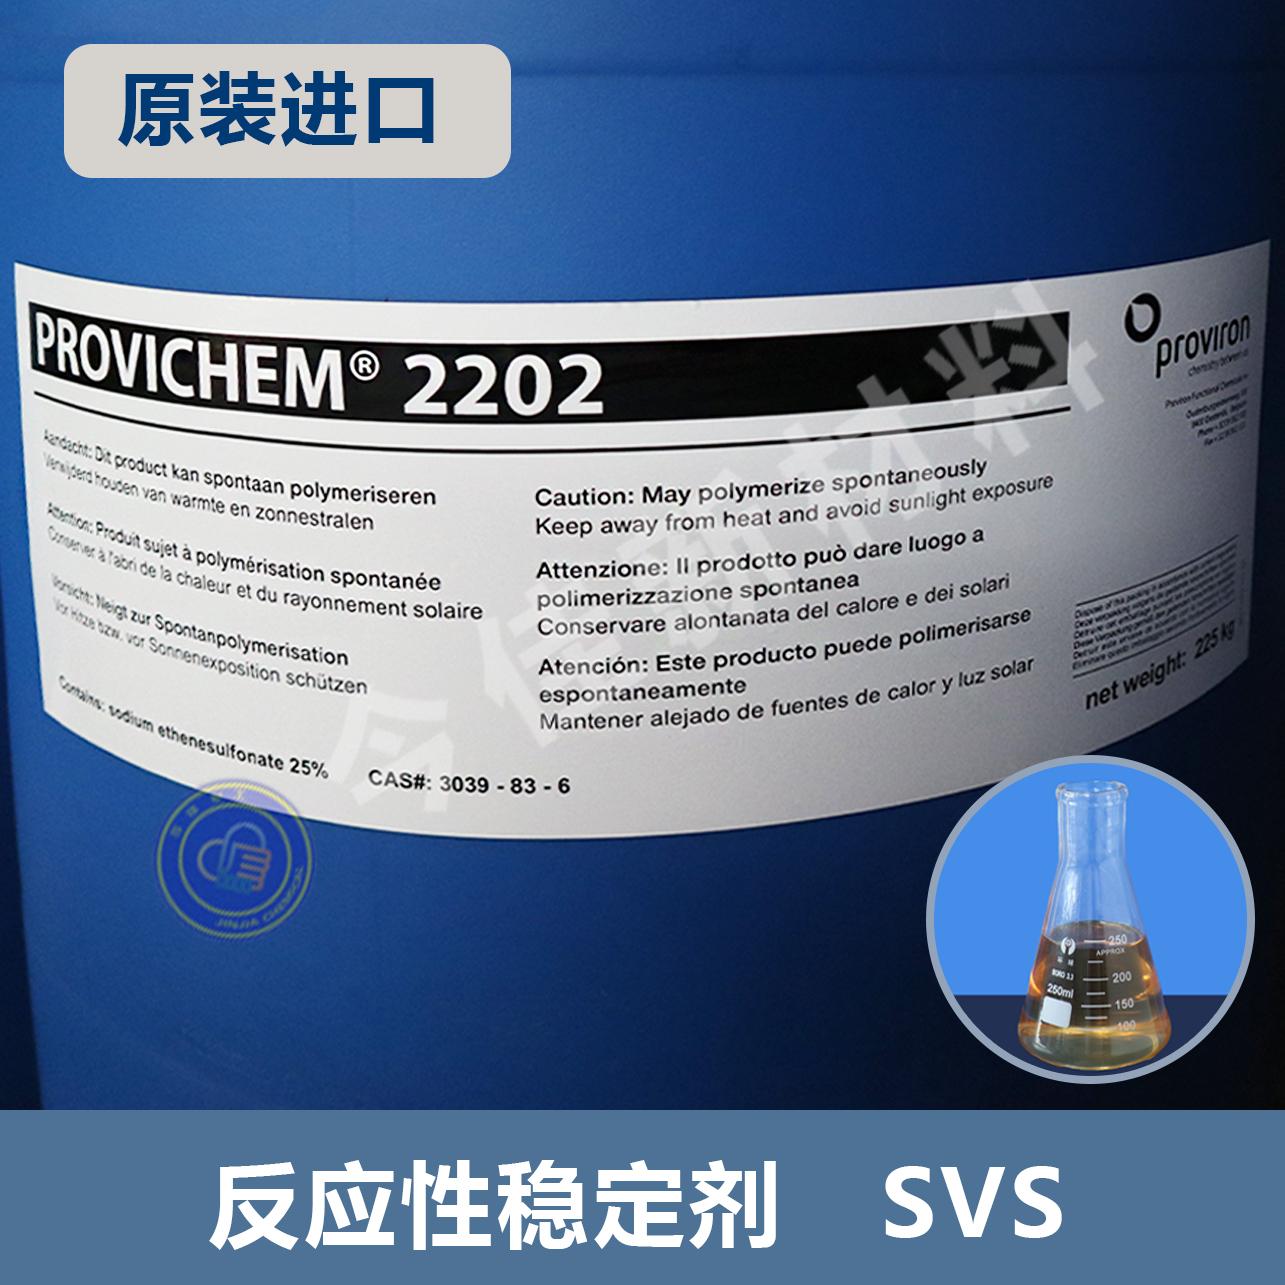 反应性稳定剂 SVS